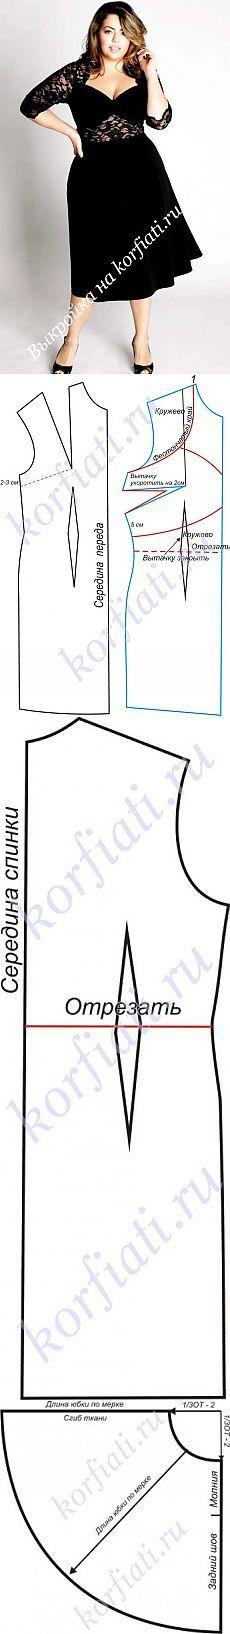 Выкройки платьев для полных: вечернее платье / Прочие виды рукоделия / Шитье